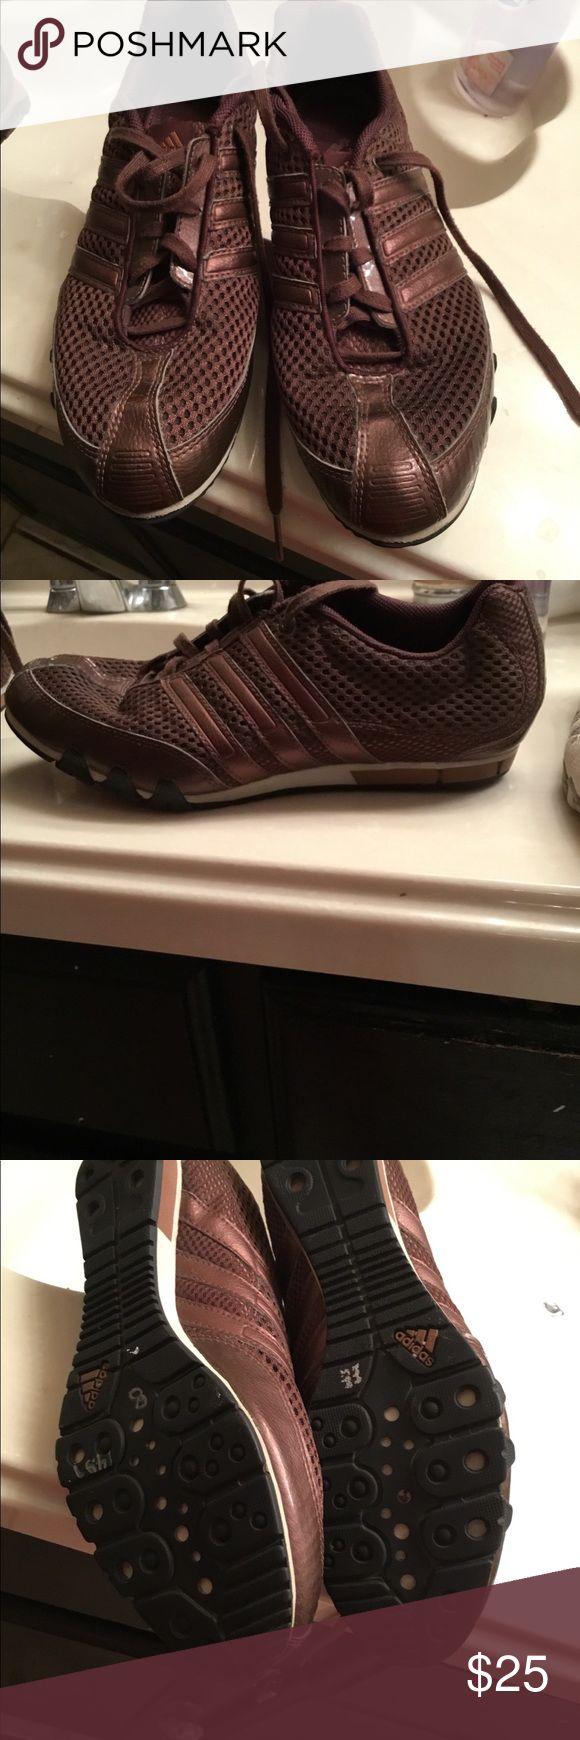 Sketchers shoes Sketchers tennis shoes Skechers Shoes Athletic Shoes